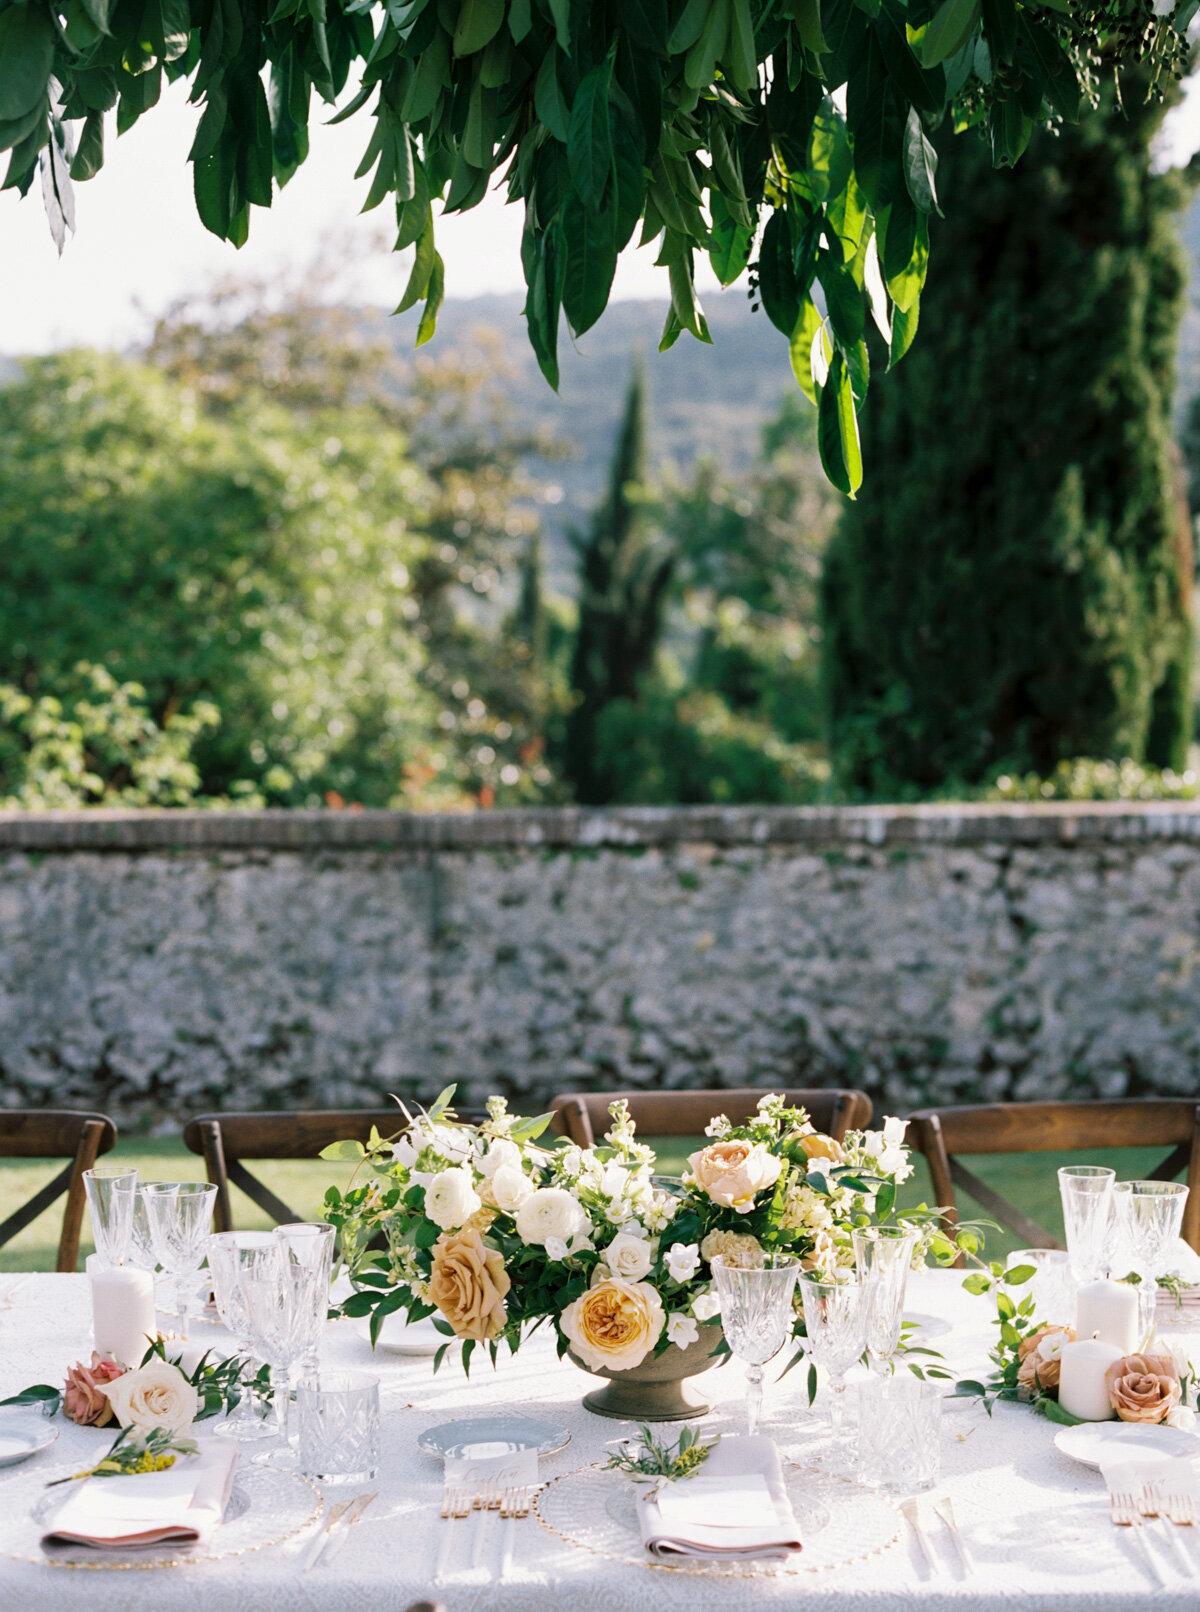 Villa-Cetinale-Tuscany-Katie-Grant-destination-wedding (99 of 115).jpg